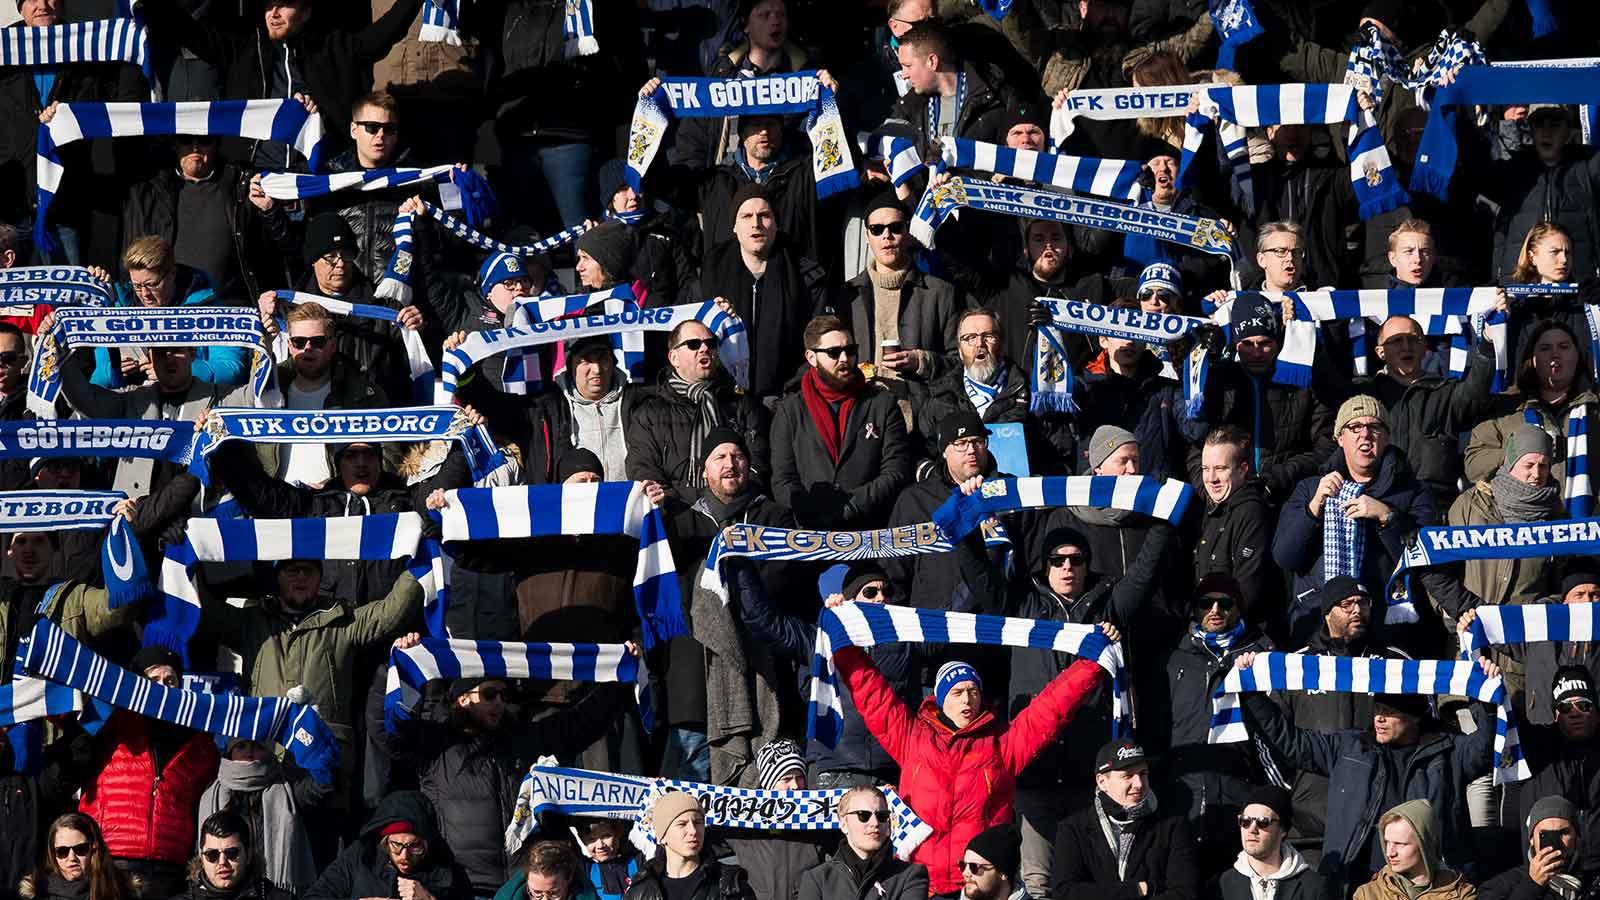 180224 IFK Göteborgs supportrar under en fotbollsmatch i Svenska Cupen mellan IFK Göteborg och Öster den 24 februari 2018 i Göteborg.